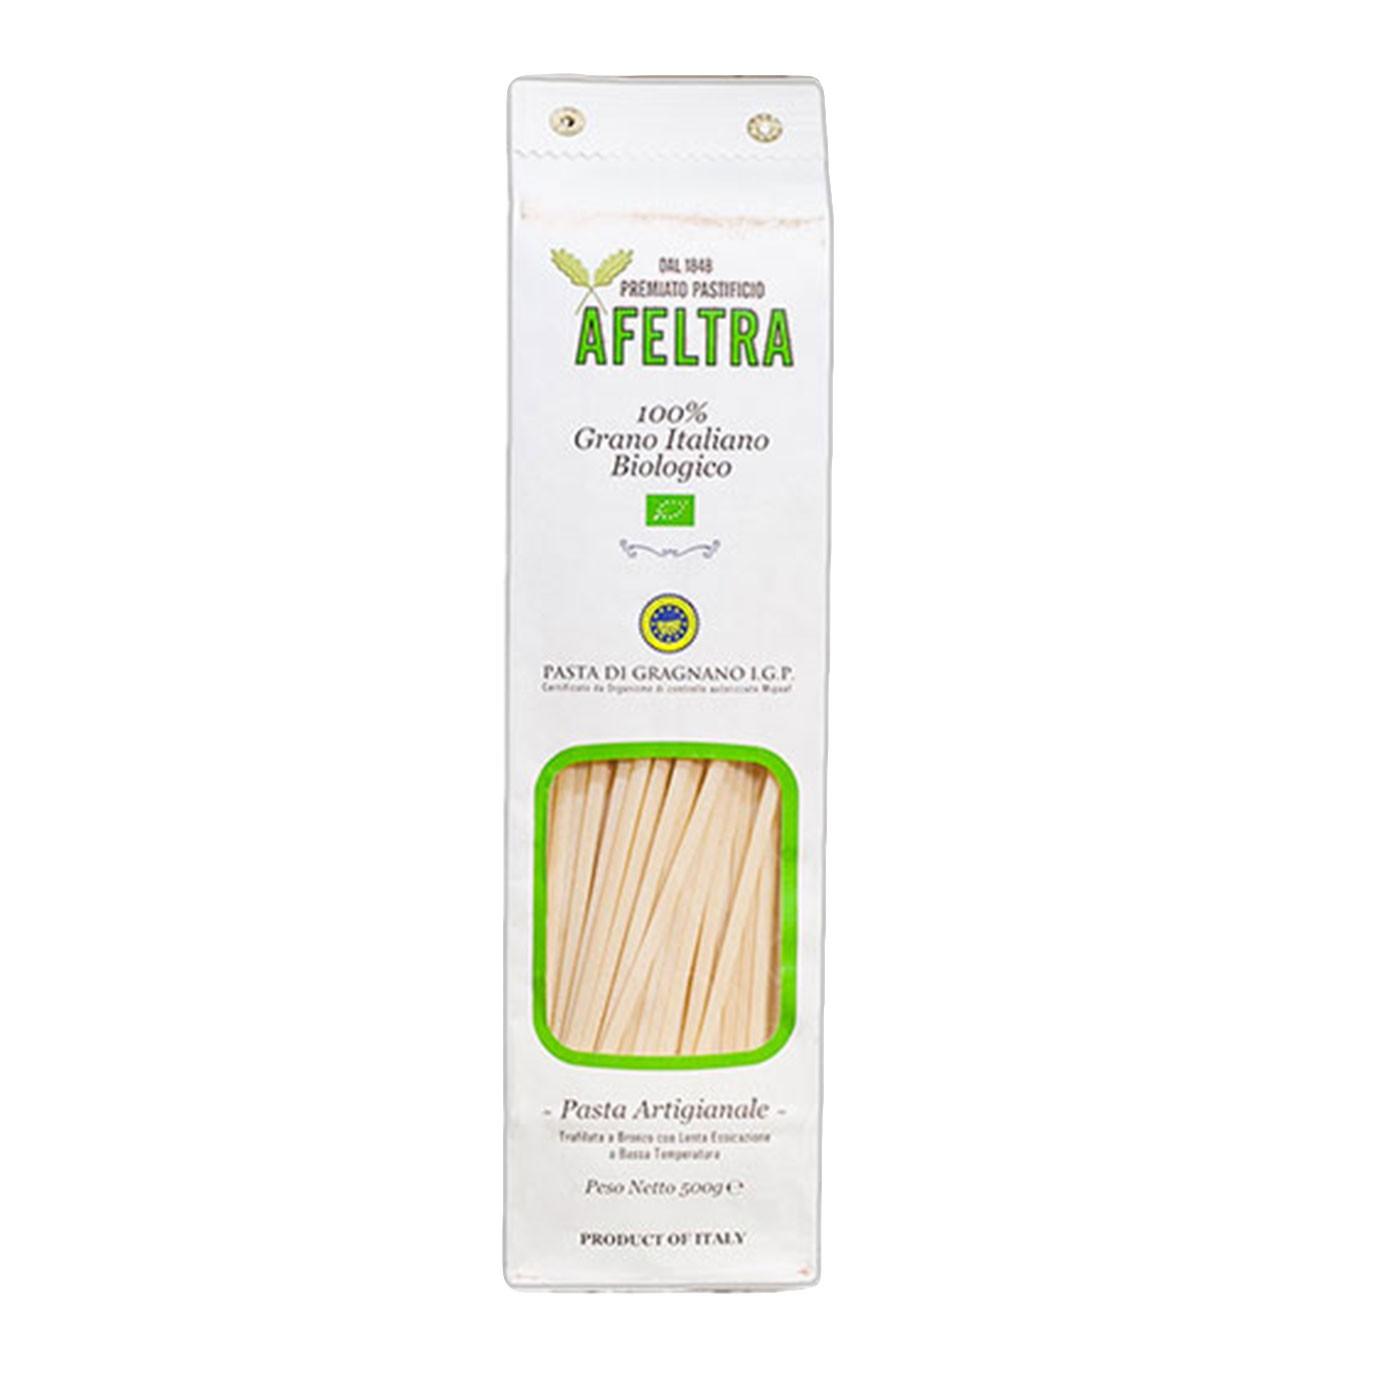 Organic Linguine 17.6 oz - Afeltra